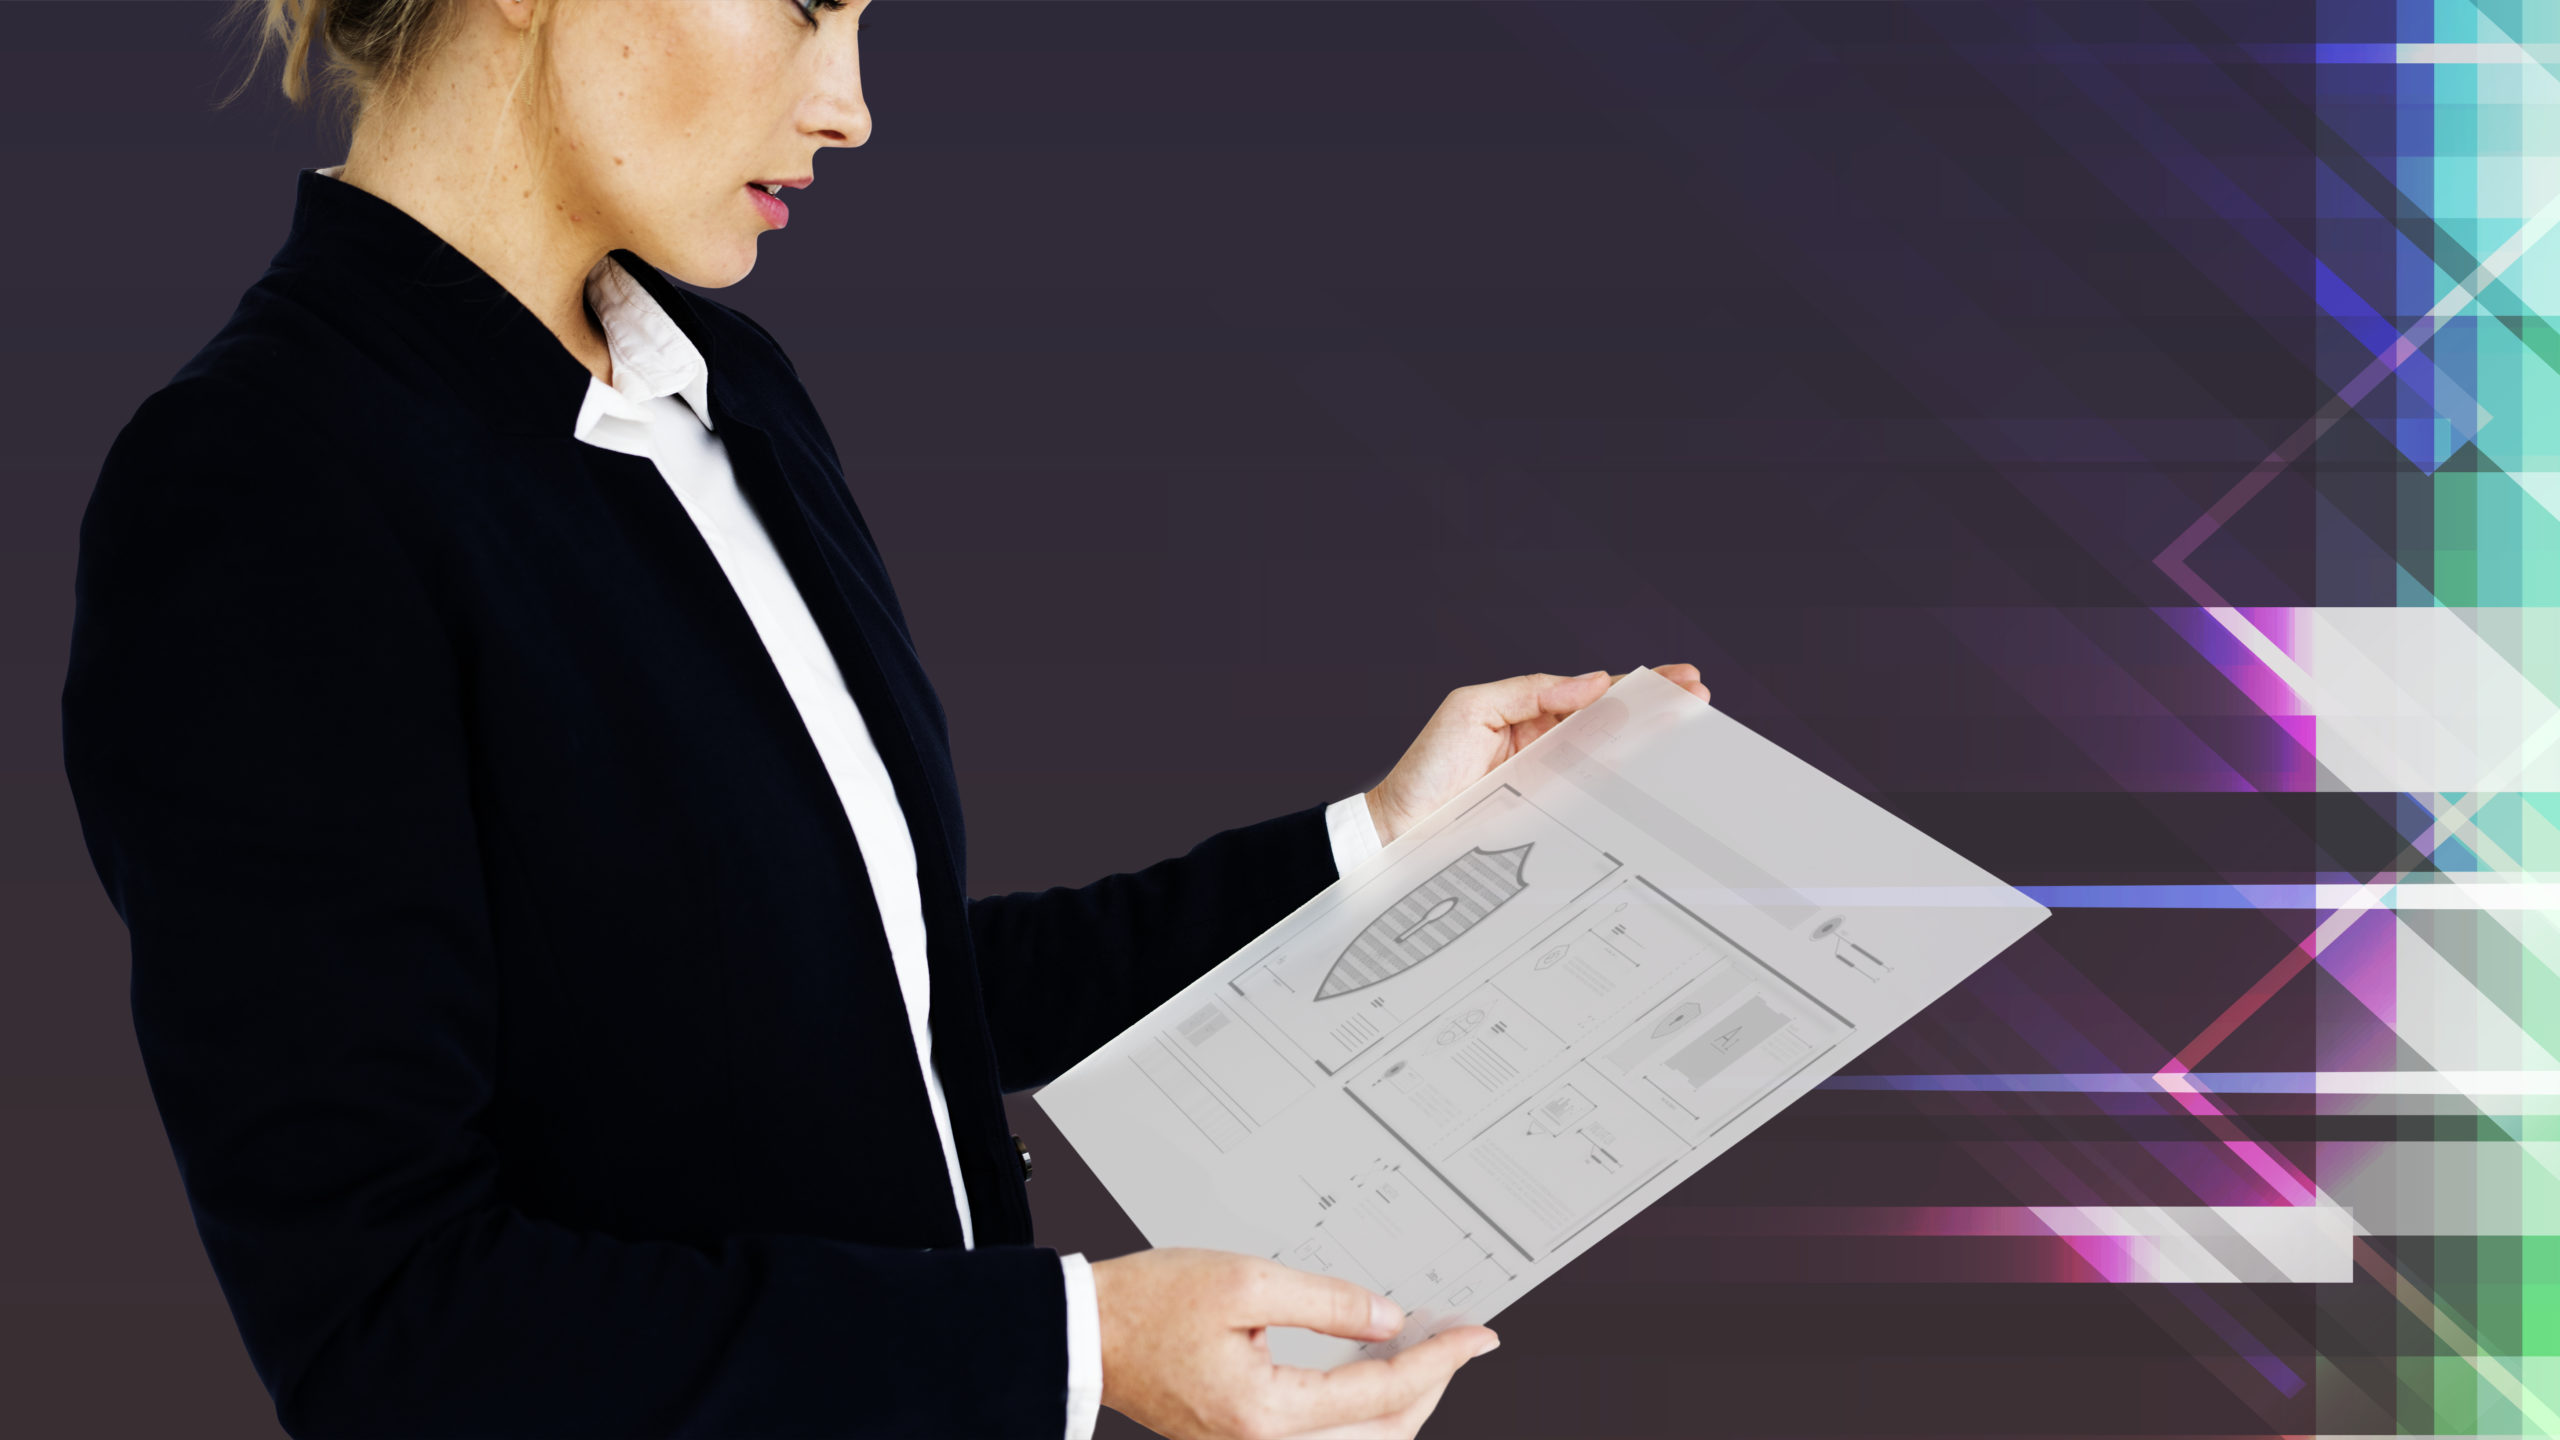 kobieta z regulaminem zawierającym procedury bezpieczeństwa